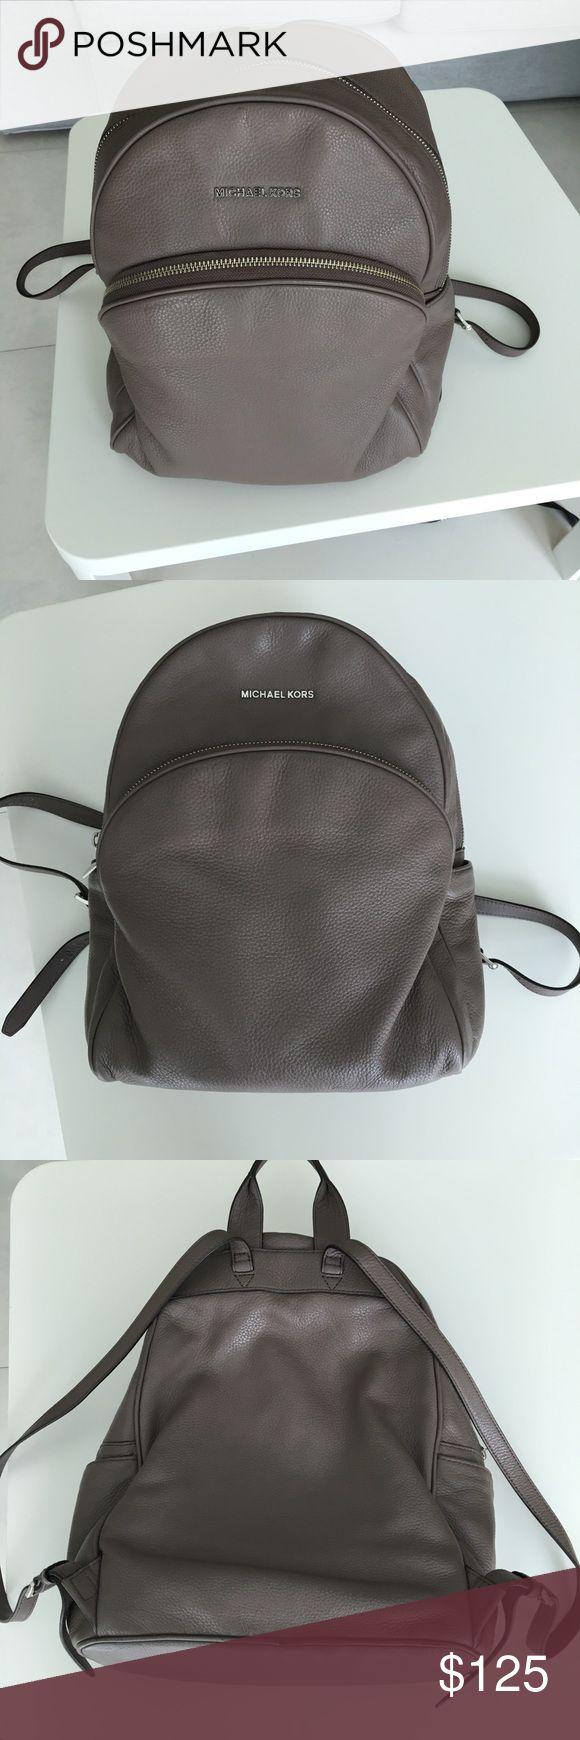 Michael Kors Jetset backpack Jetset backpack, stone color. Inner zip pocket. Silver logo on front. Michael Kors Bags Backpacks